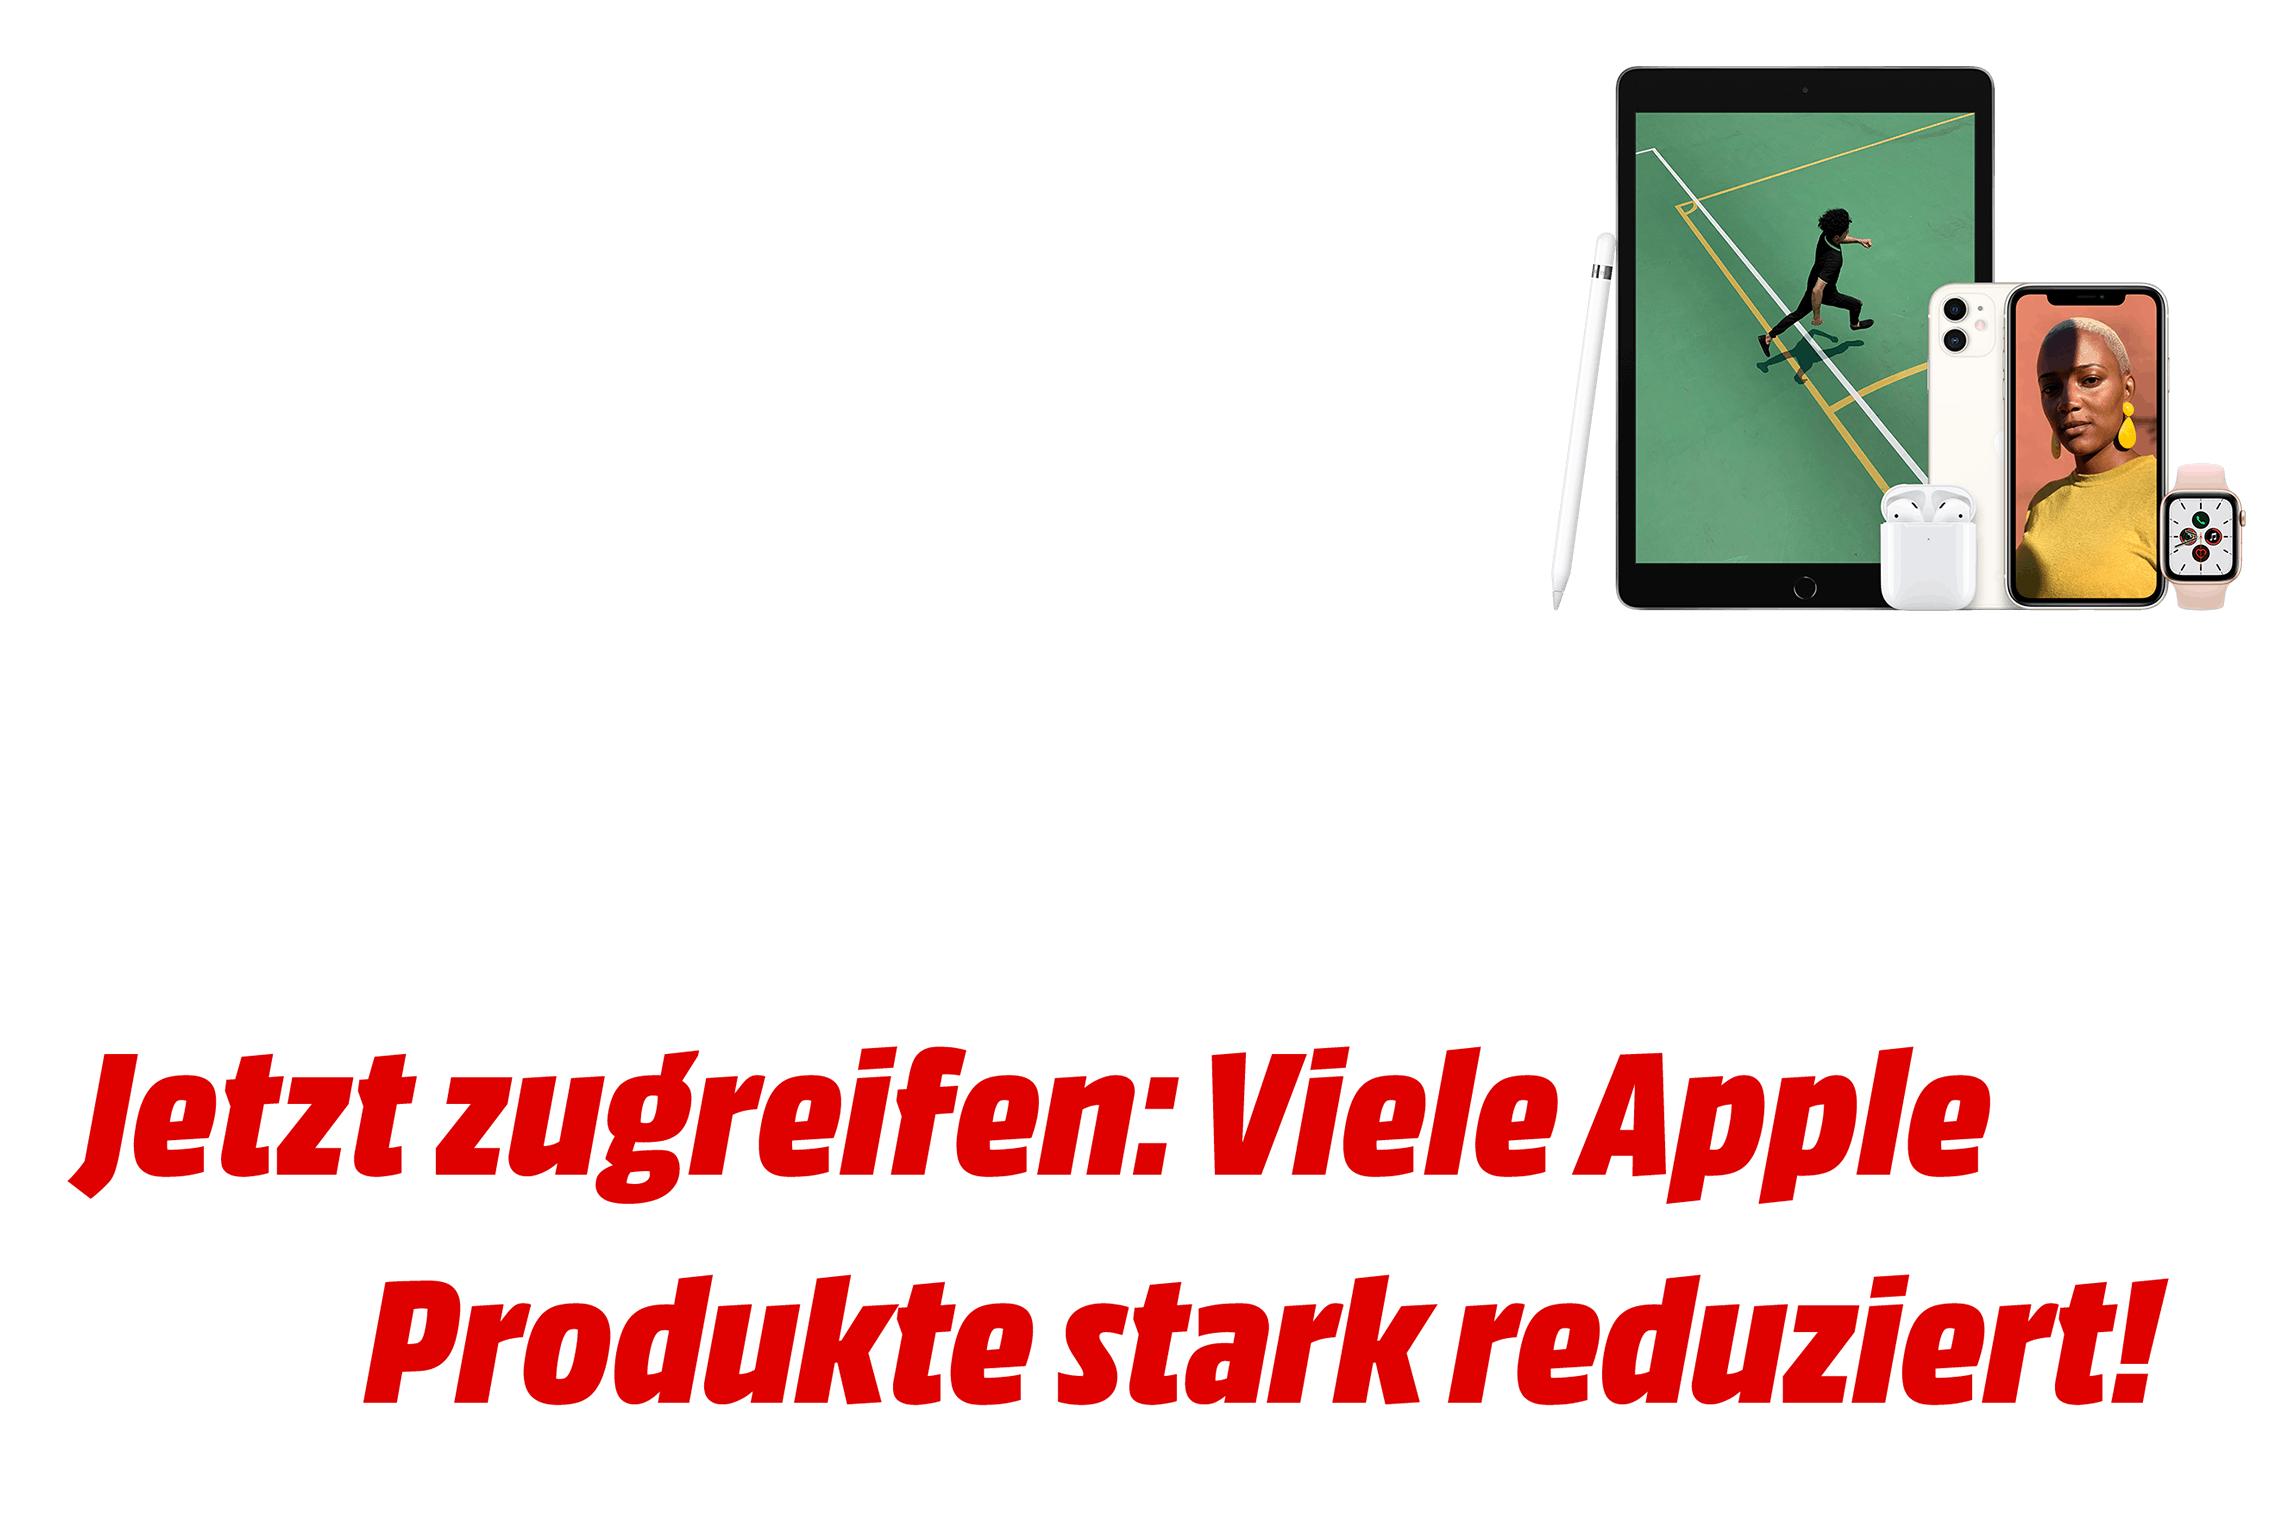 Apple Weekend bei Media Markt viele reduzierte Produkte